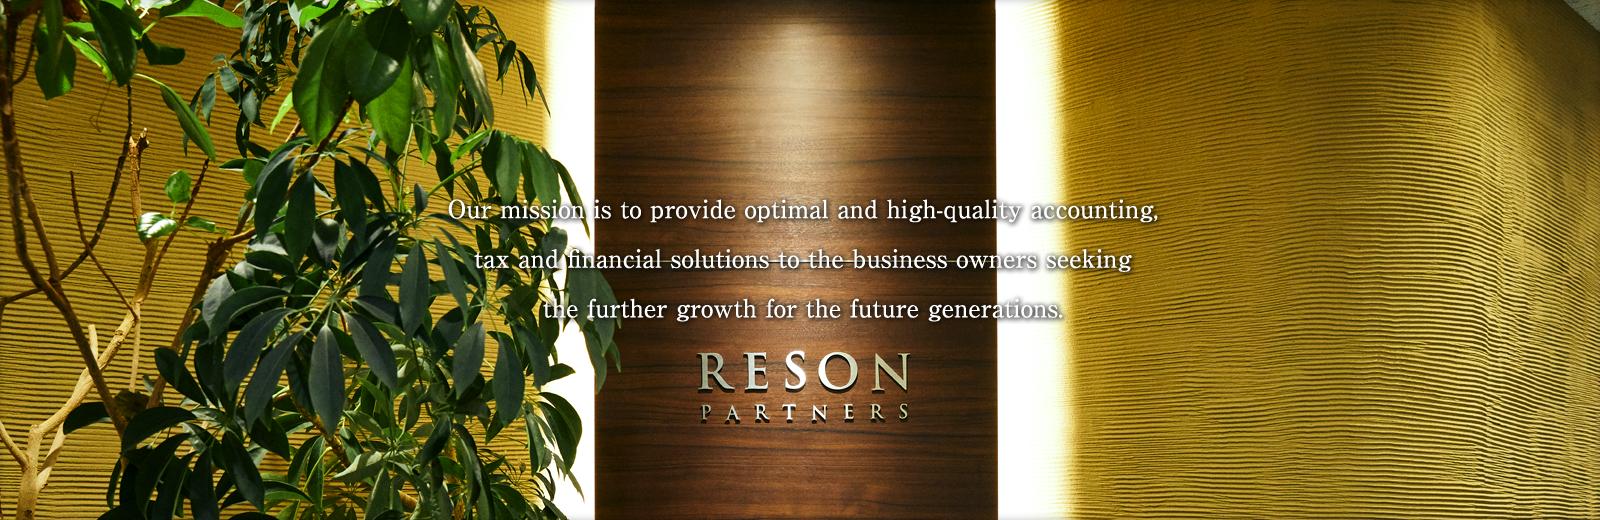 次世代に向けてさらなる成長を求める経営者の皆様に、 最適かつ高品質な会計・税務・財務サービスをご提供いたします。